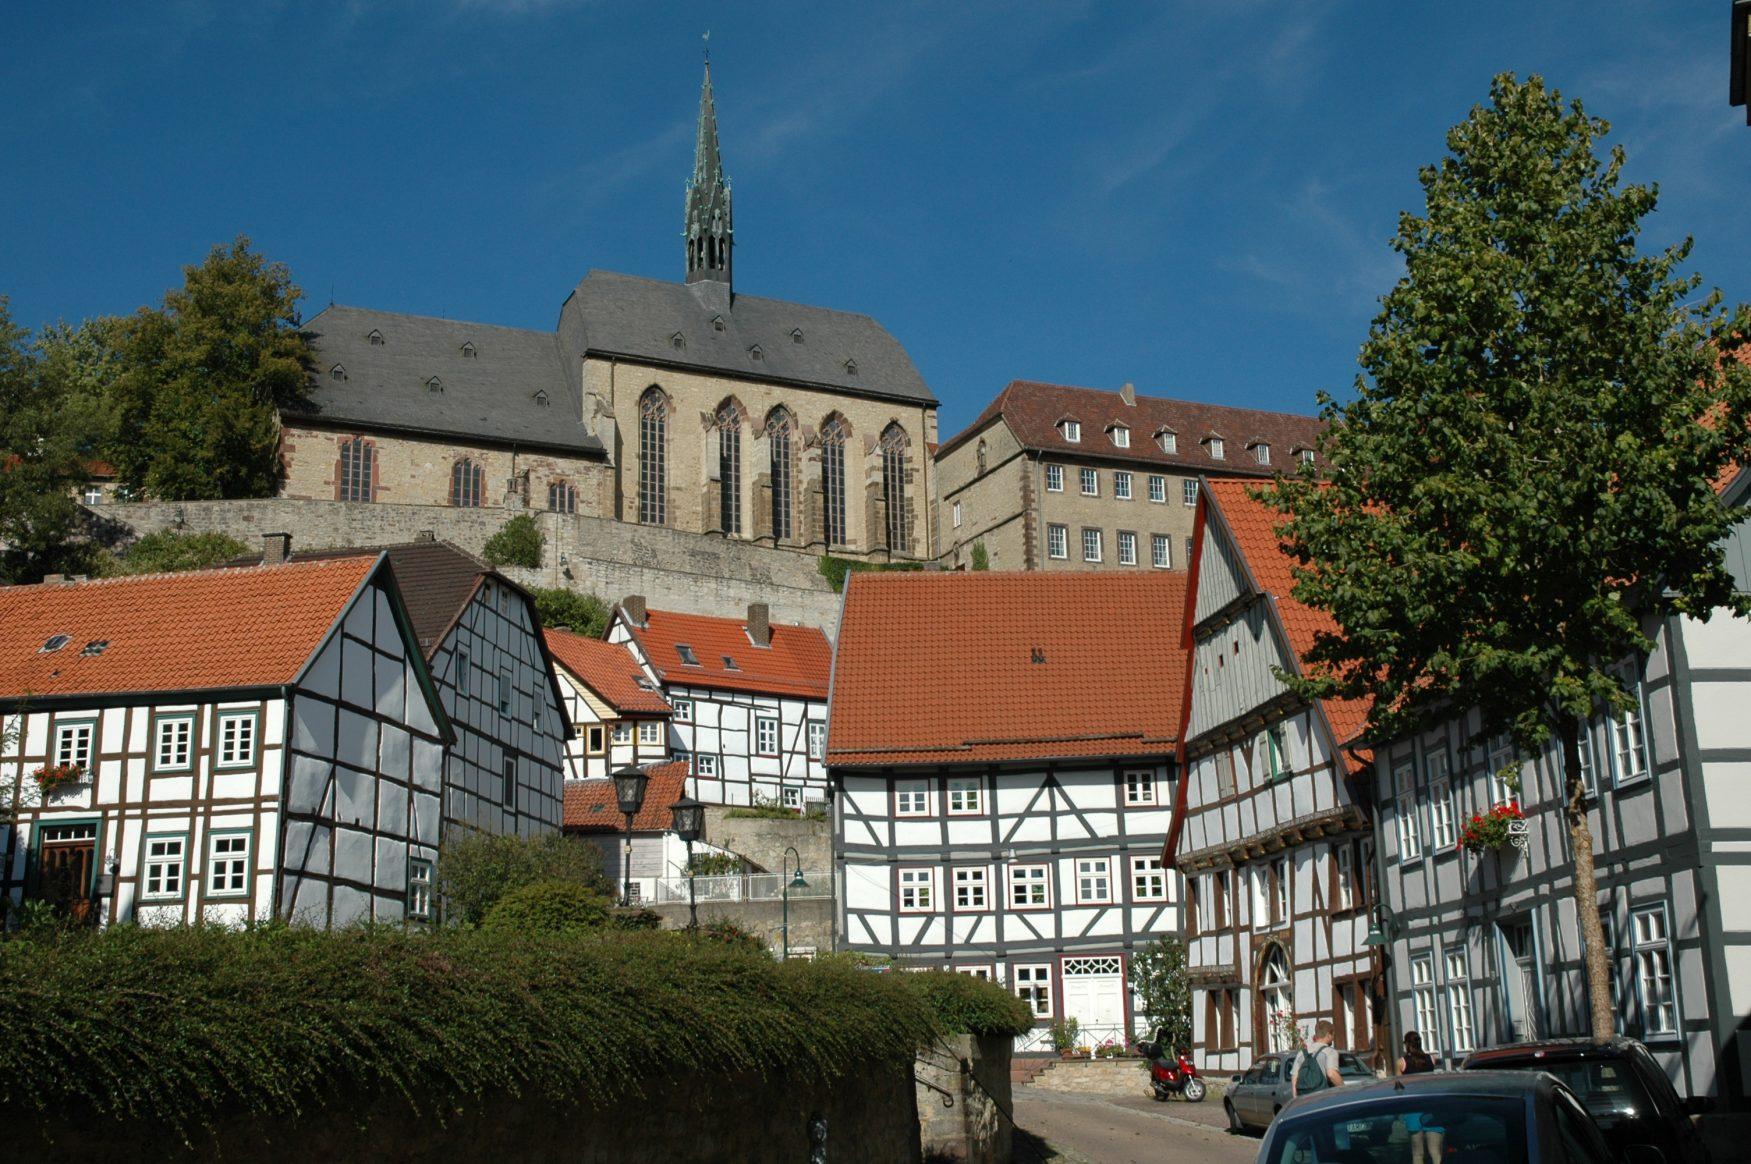 Warburg-Altstadt